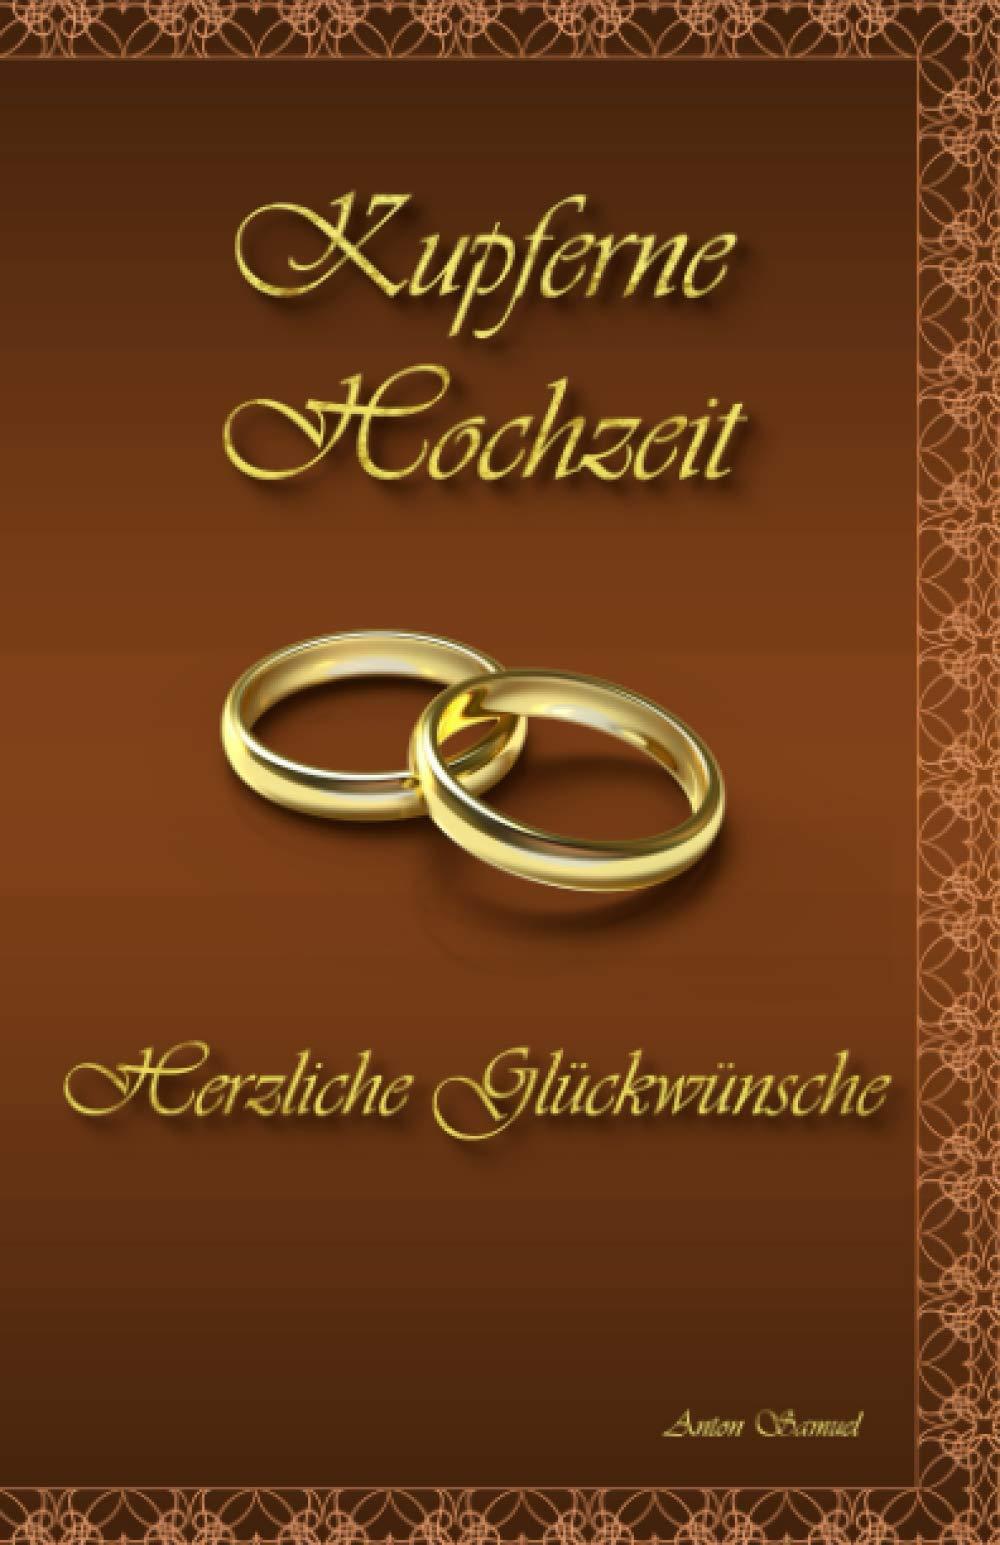 Sprüche 7 jahre hochzeitstag Kupferne Hochzeit